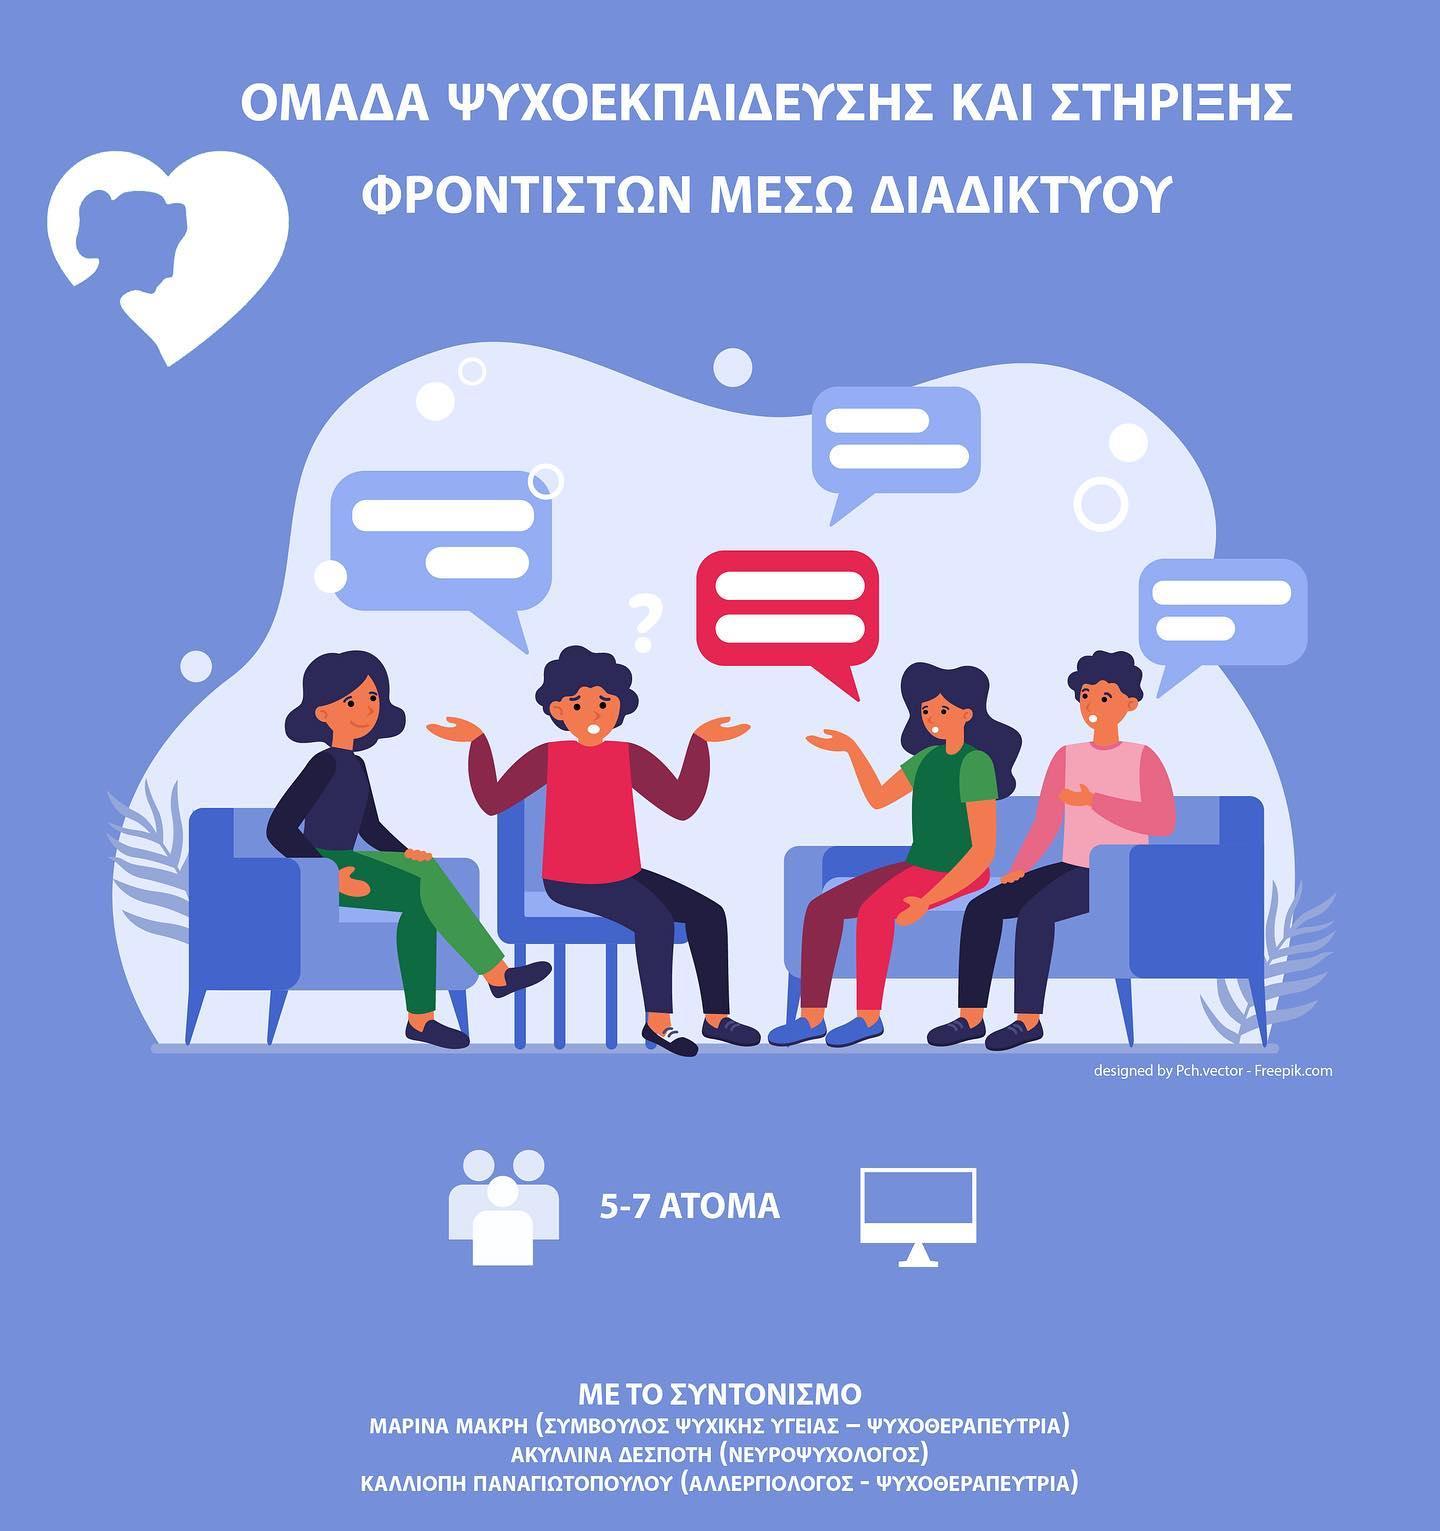 ΕΠΙΟΝΗ: Ομάδα ψυχοεκπαίδευσης  και στήριξης φροντιστών μέσω διαδικτύου